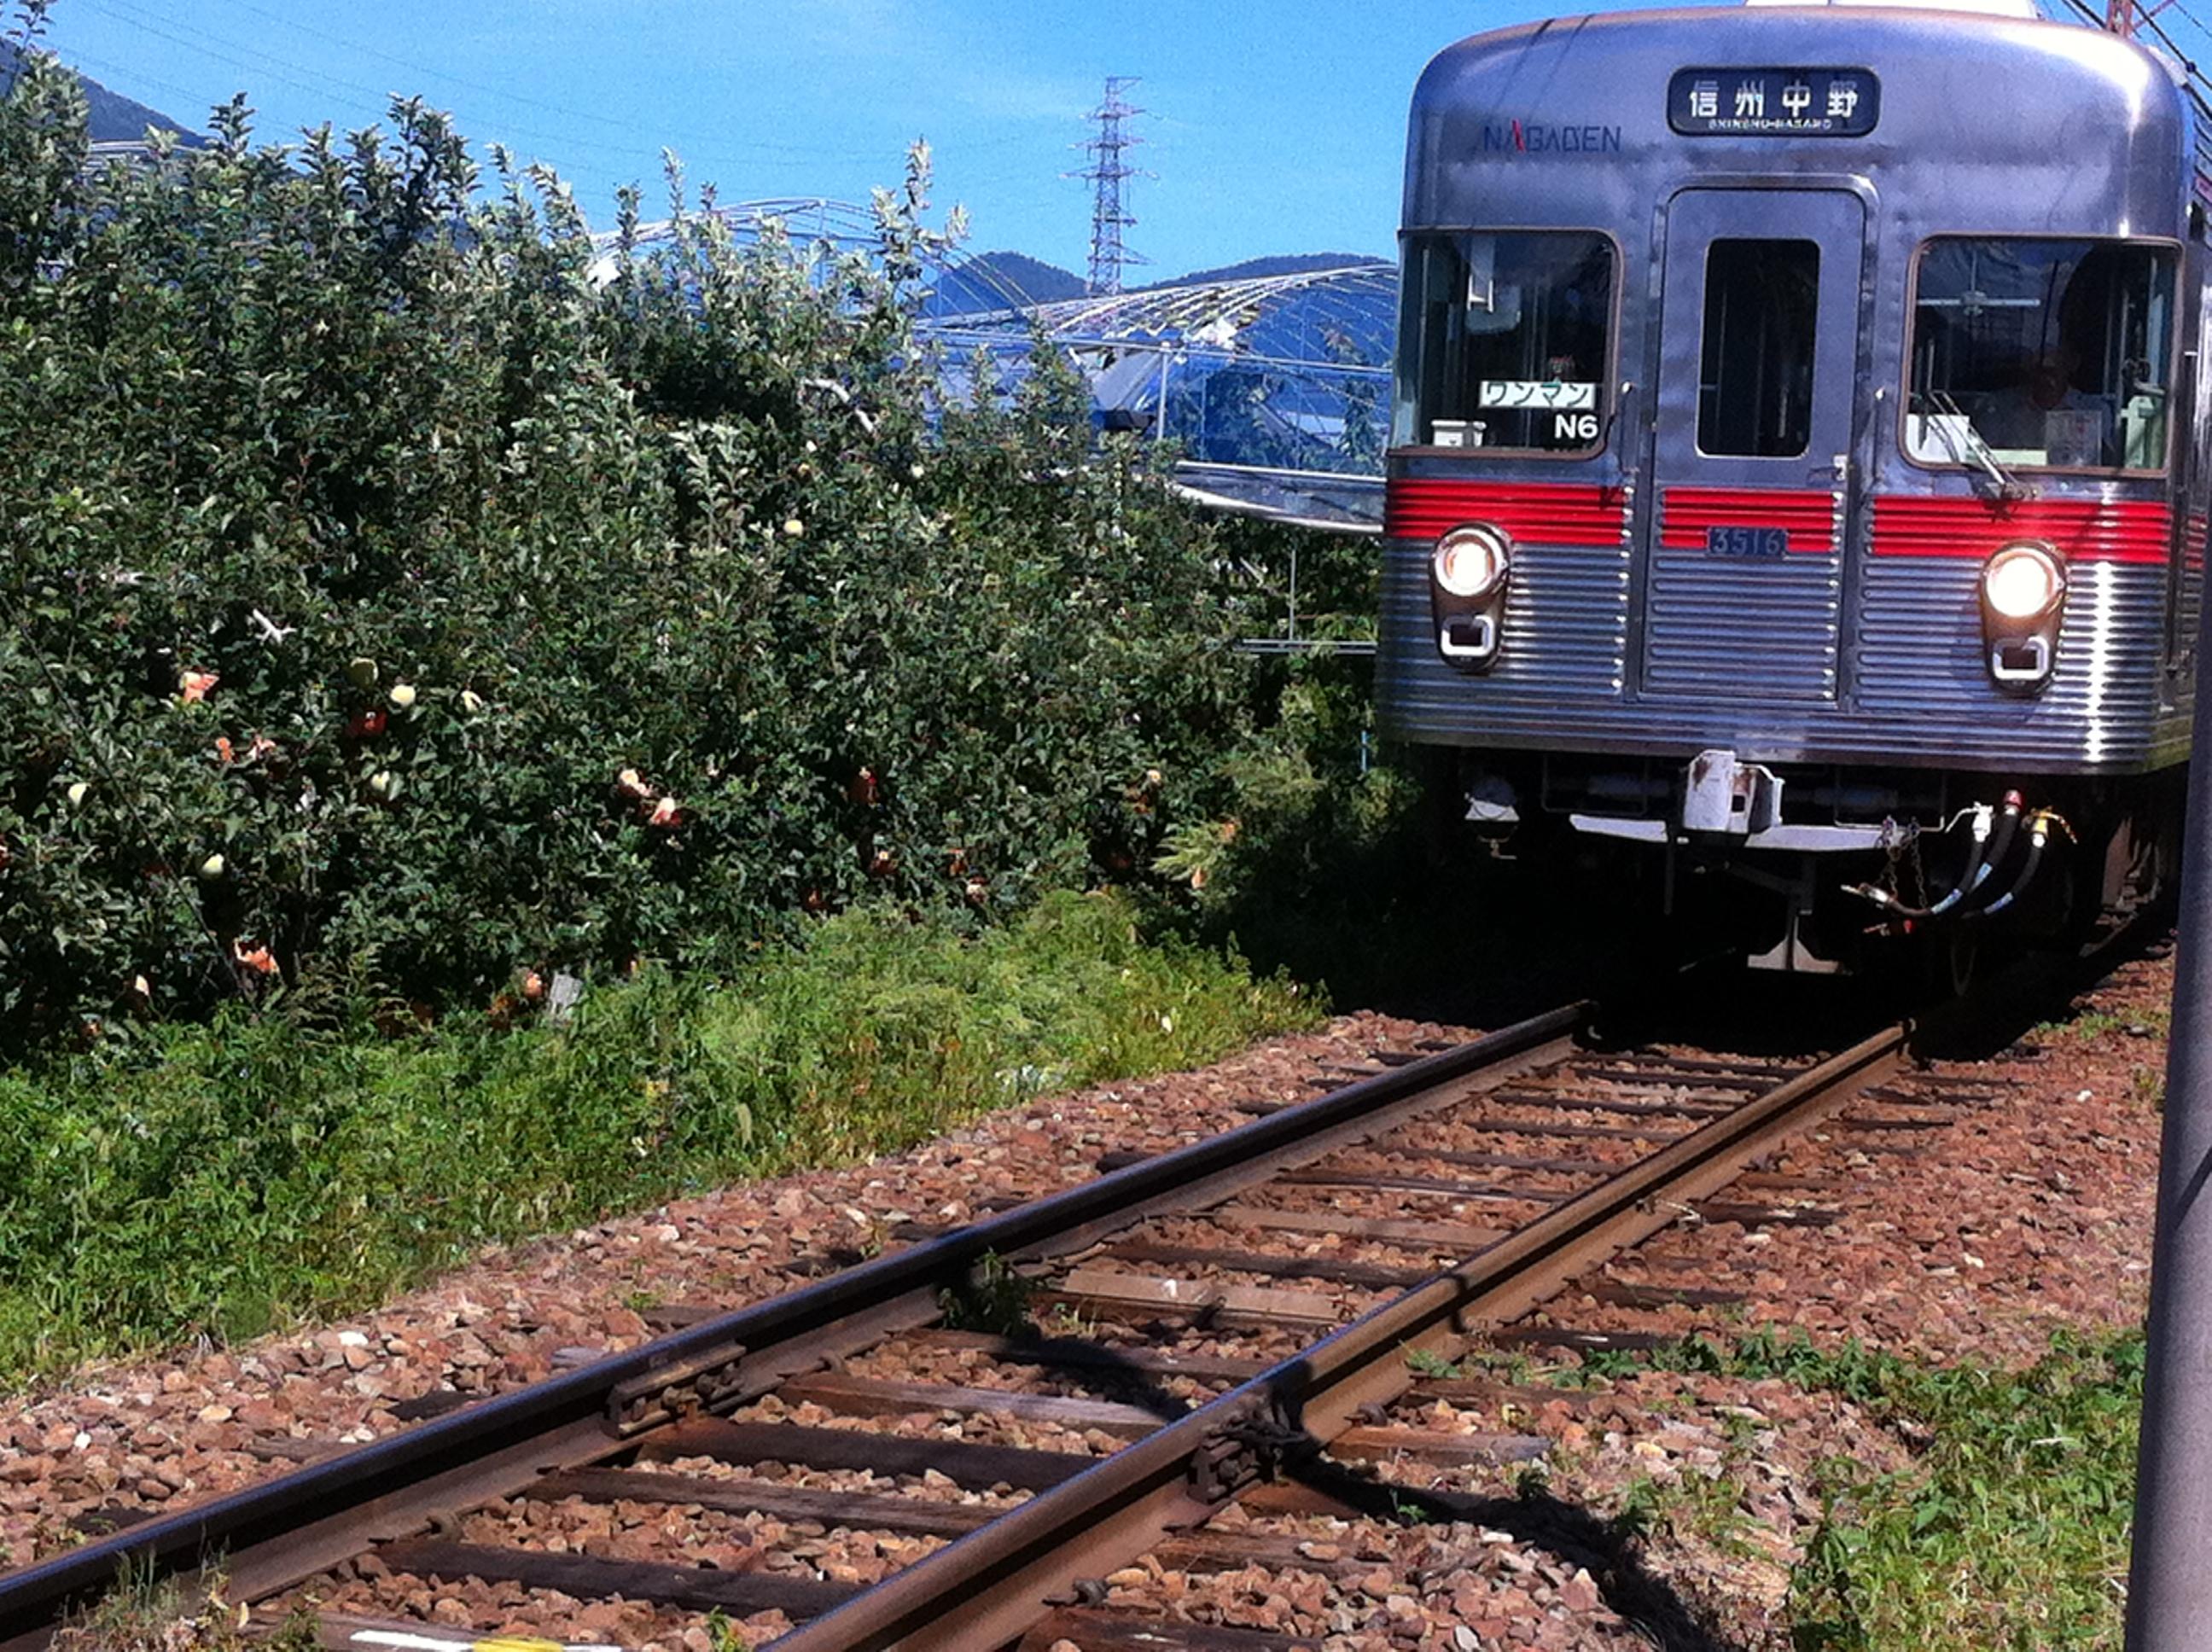 長野電鉄でレトロ車両を発見!